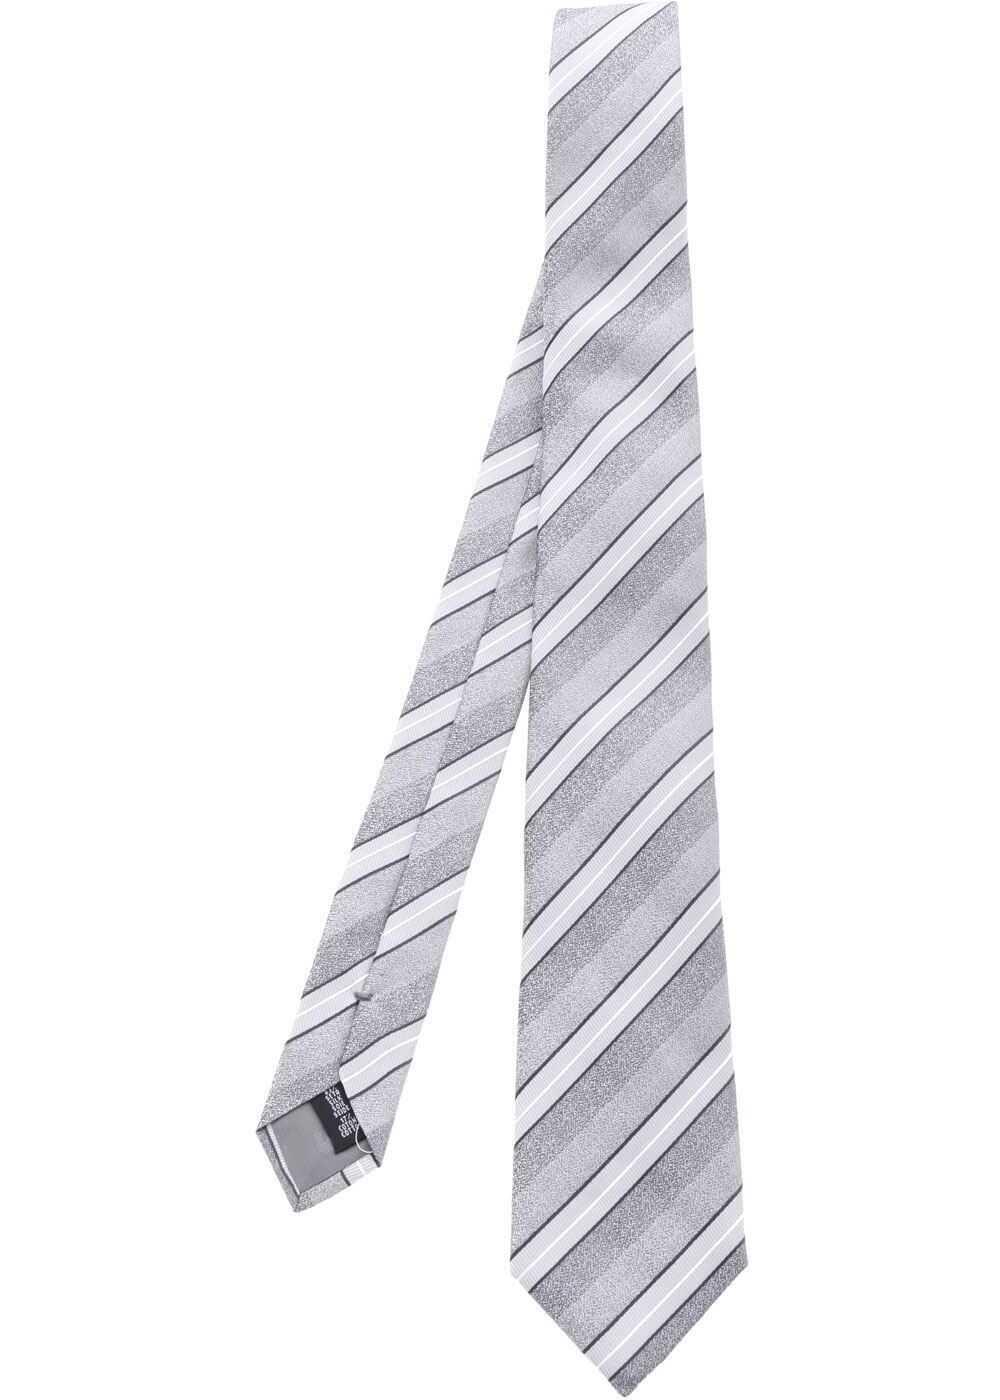 Emporio Armani Grey Striped Tie Grey